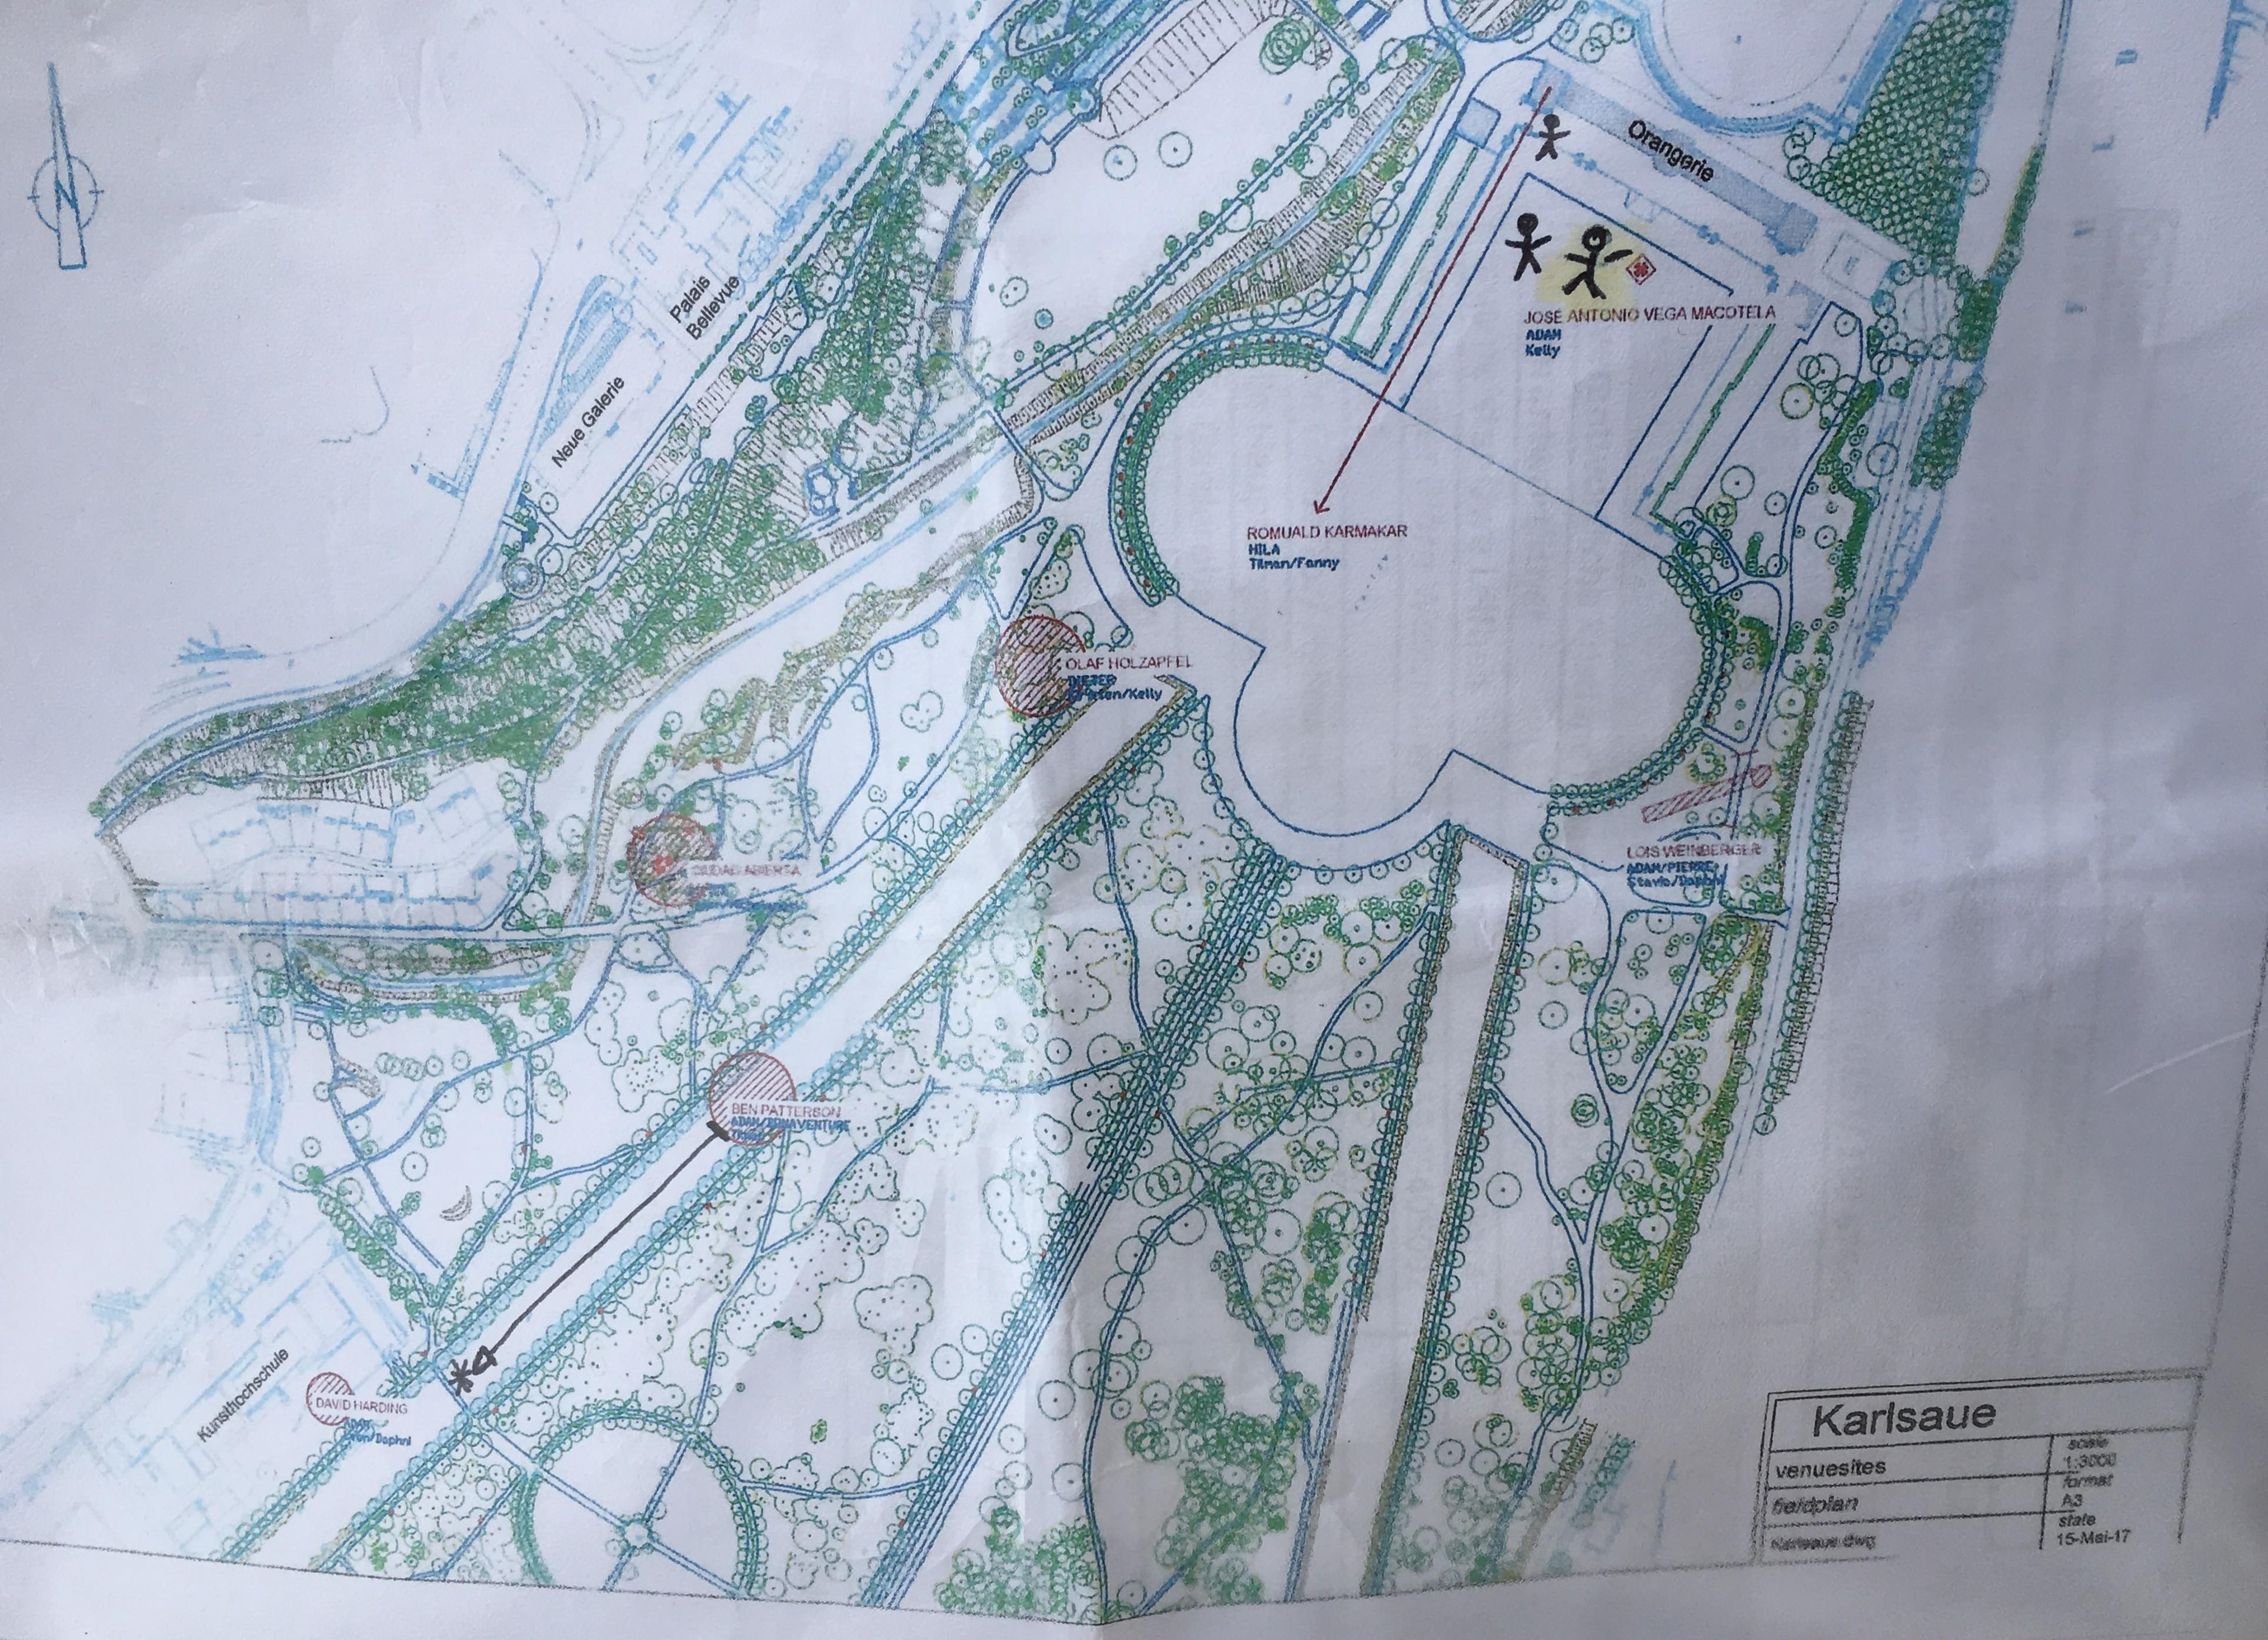 Heres the Map of Documenta 14 Works in Karlsraue Park in Kassel